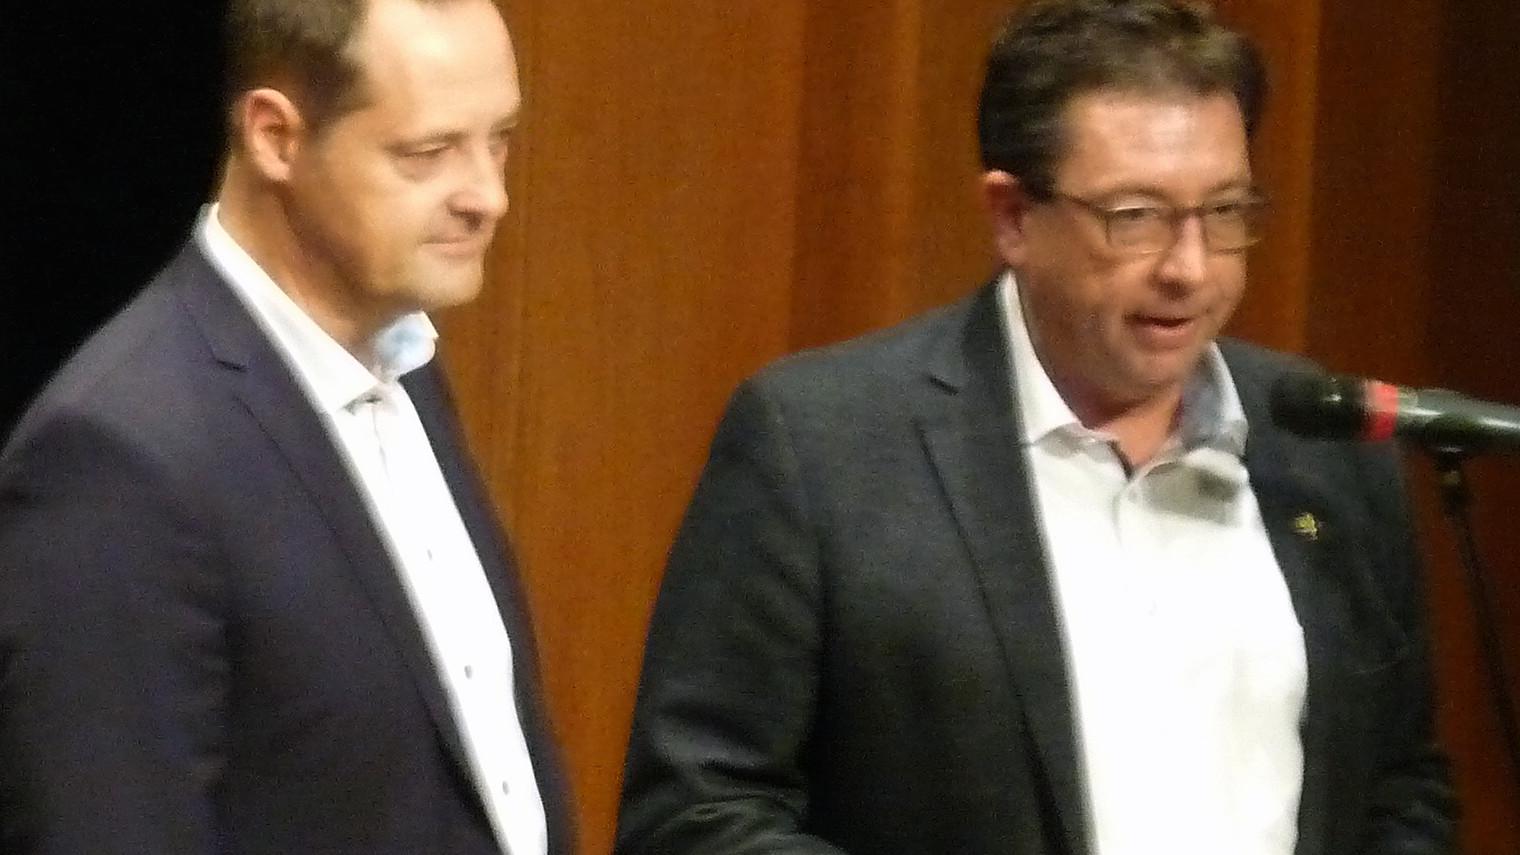 Olpes Schützenmajor Peter Liese (r.) und Bürgermeister Peter Weber freuten sich über die große Resonanz beim Benefizkonzert. Foto: mari